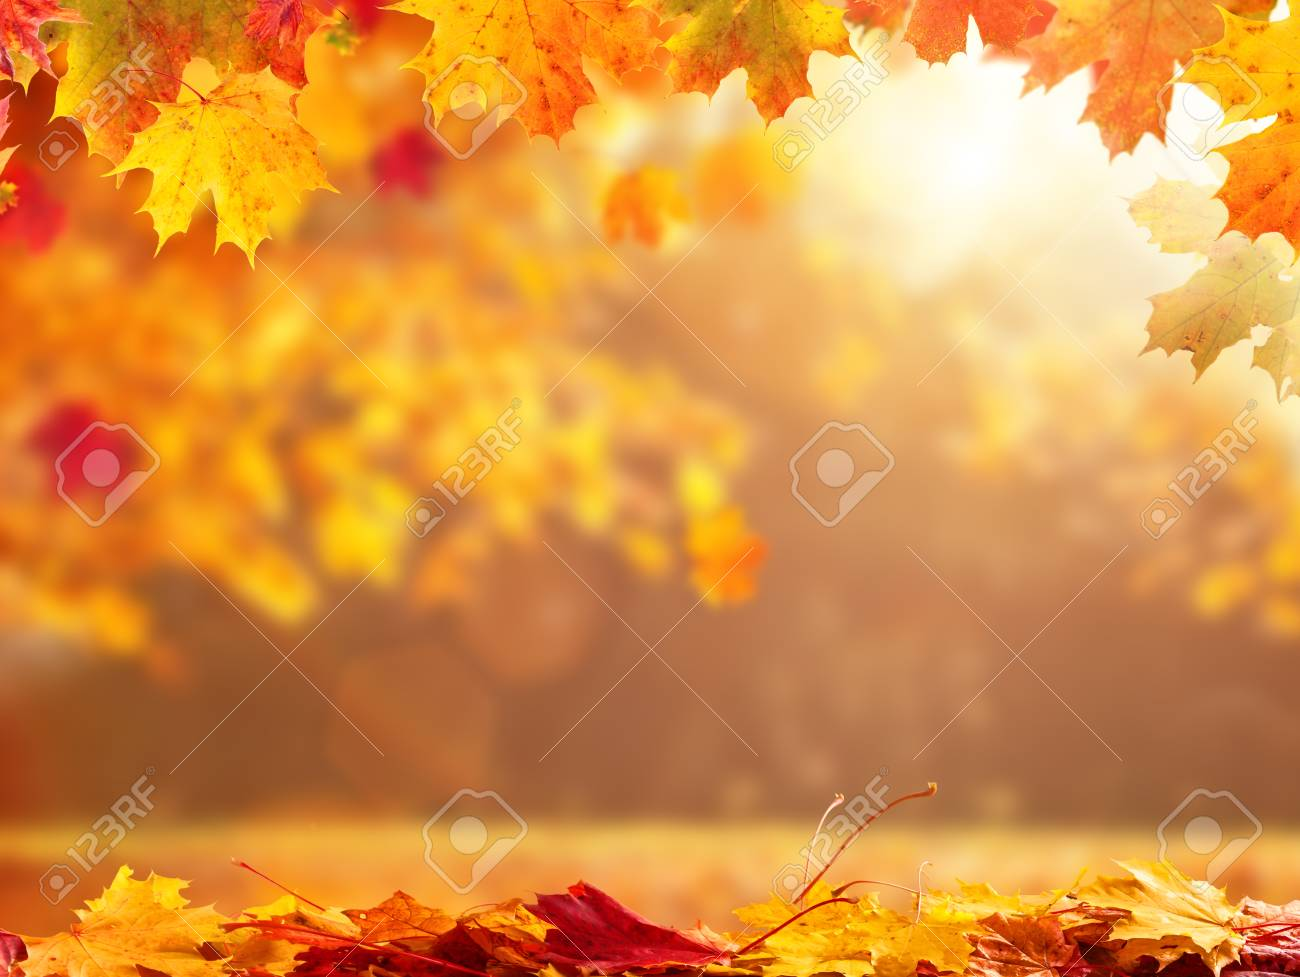 Schone Saisonale Abstrakte Herbst Hintergrund Mit Exemplar Und